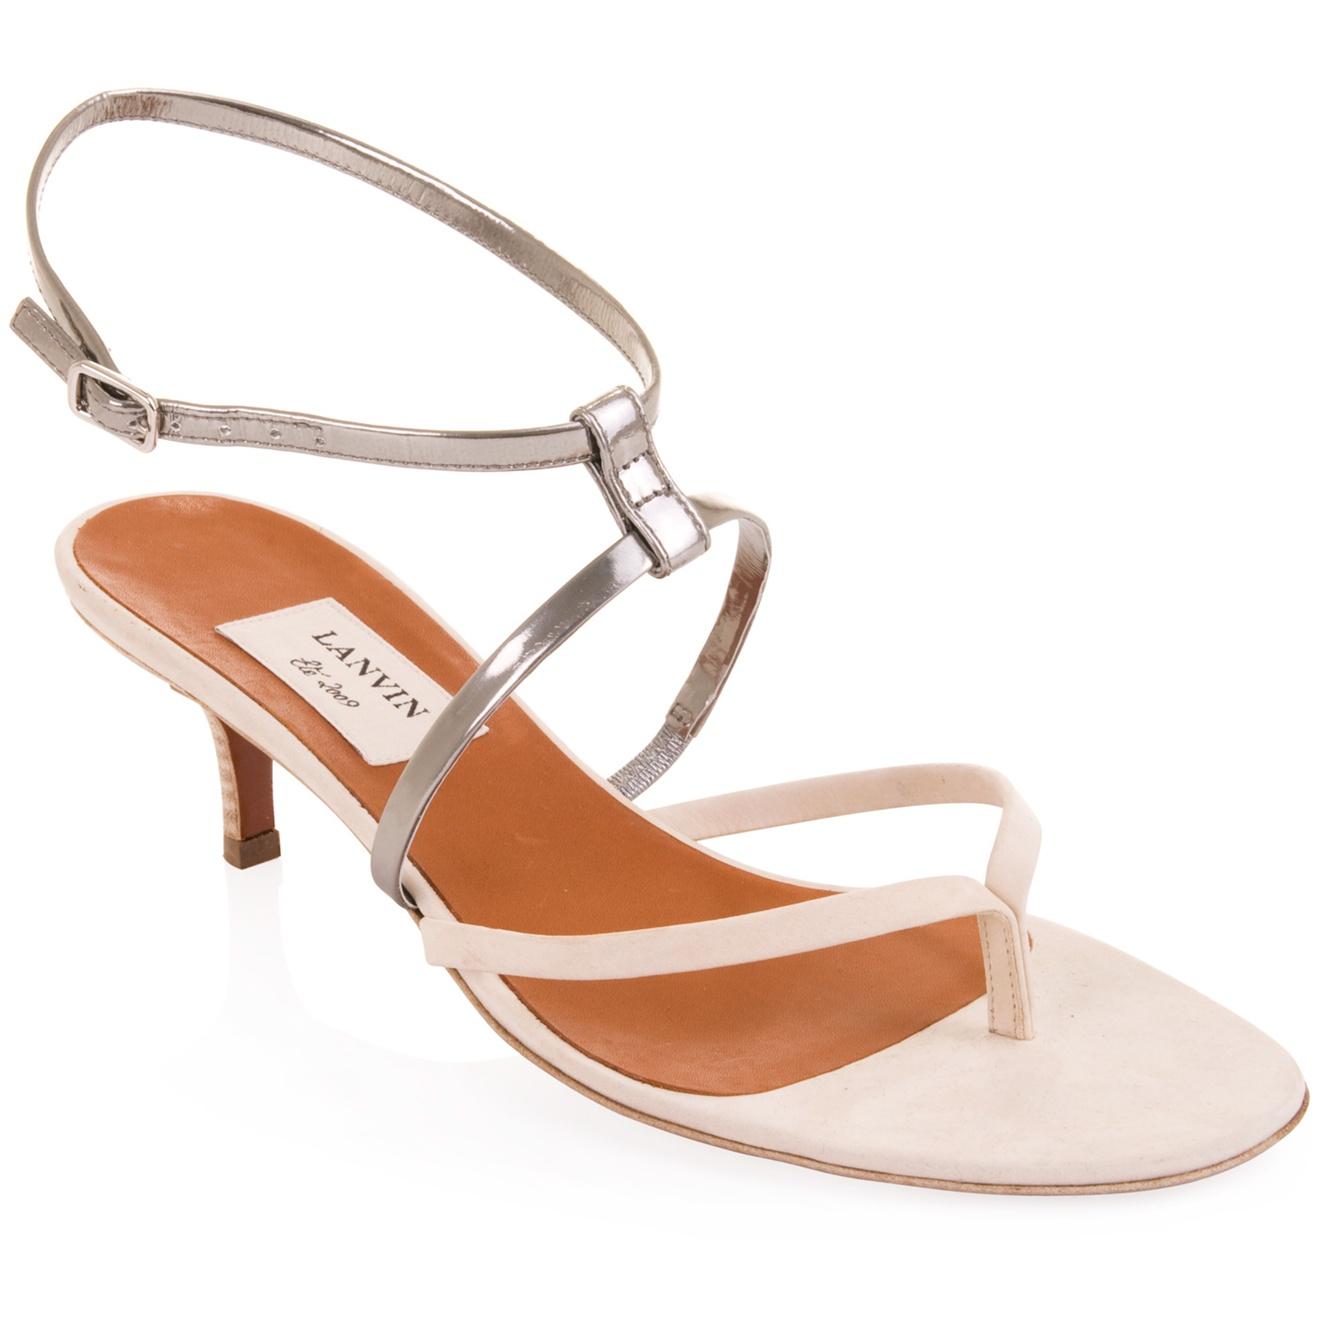 Kitten Heel Shoes Nine West Sandals